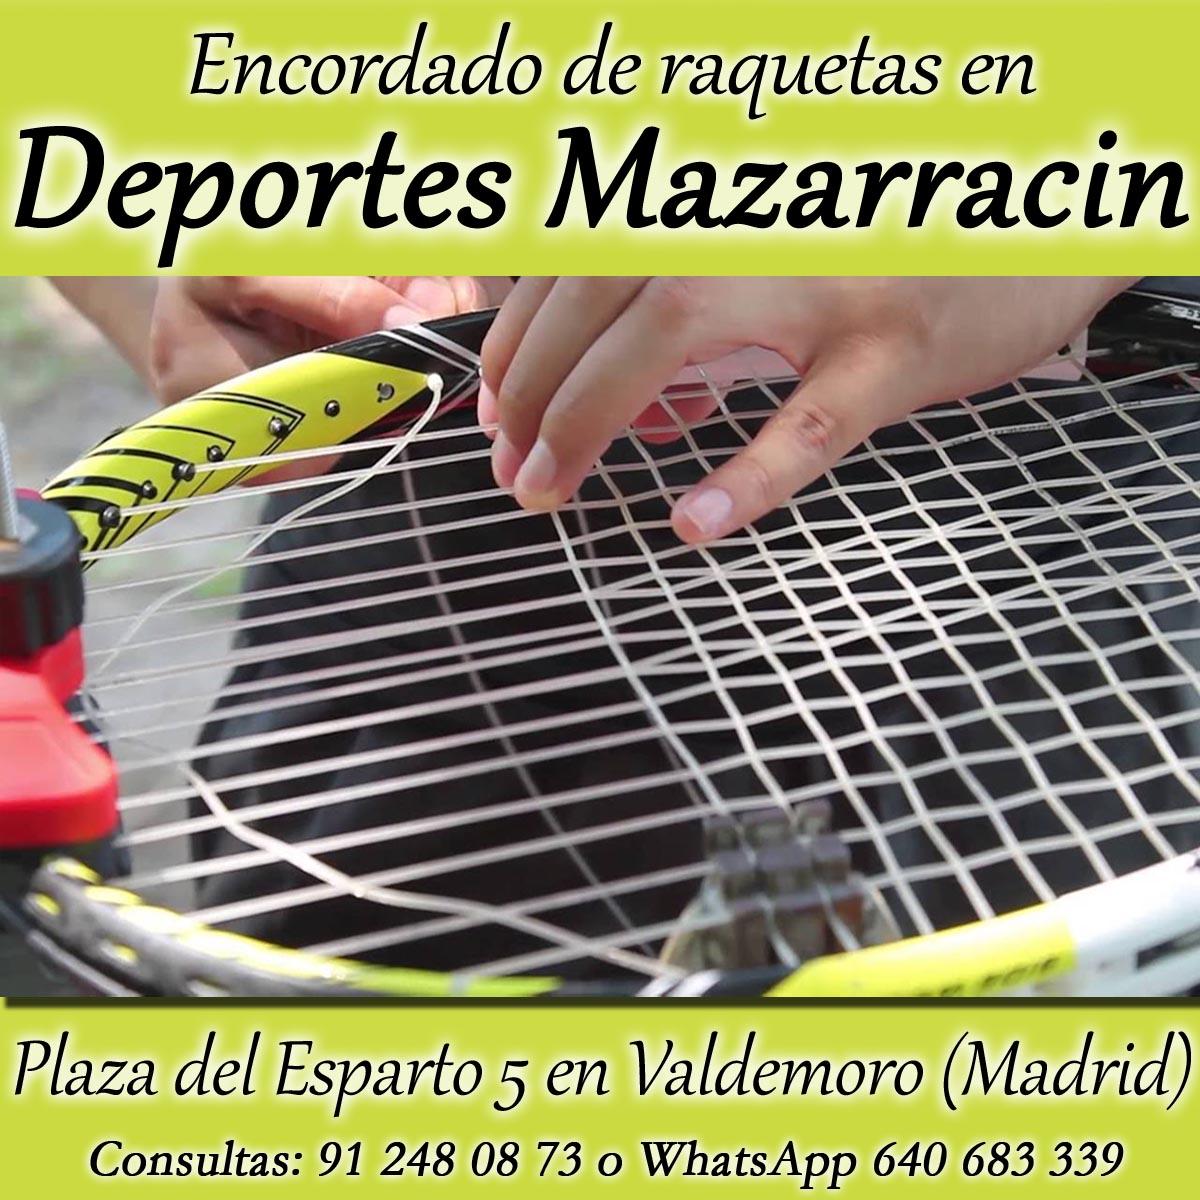 cambar cuerdas raqueta tenis Valdemoro Deportes Mazarracin